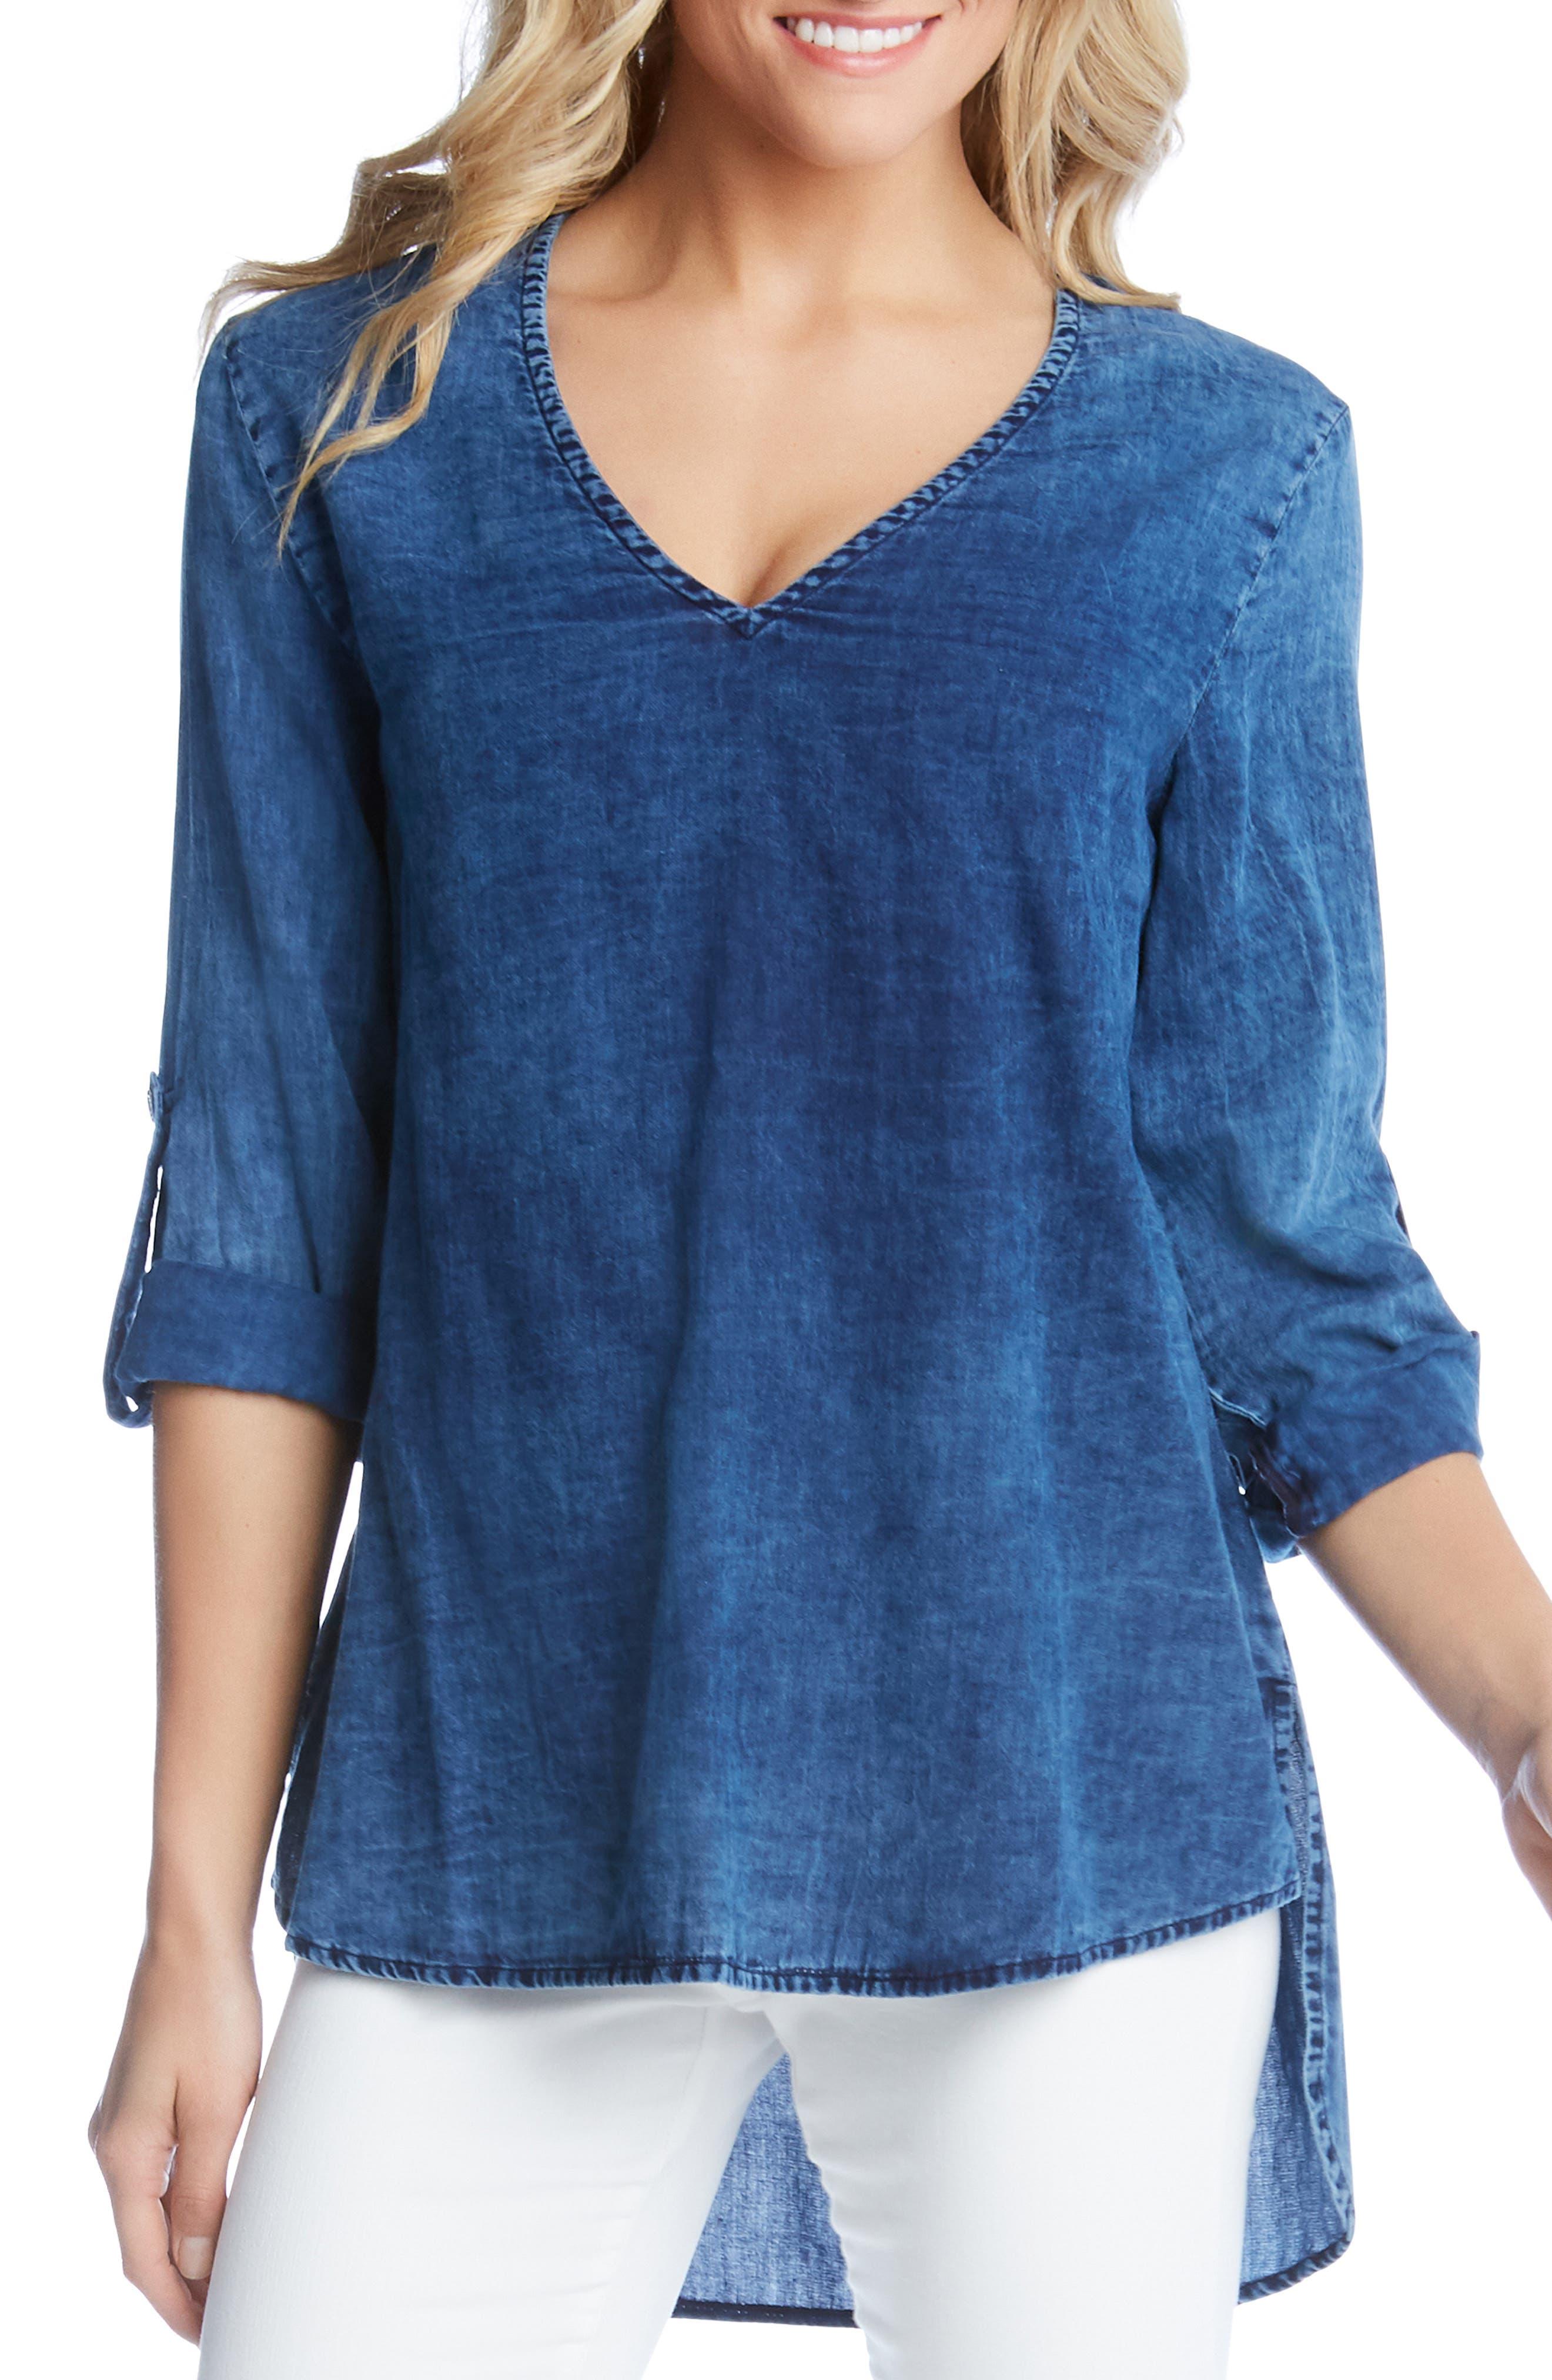 KAREN KANE High/Low Shirttail Denim Top, Main, color, INDIGO